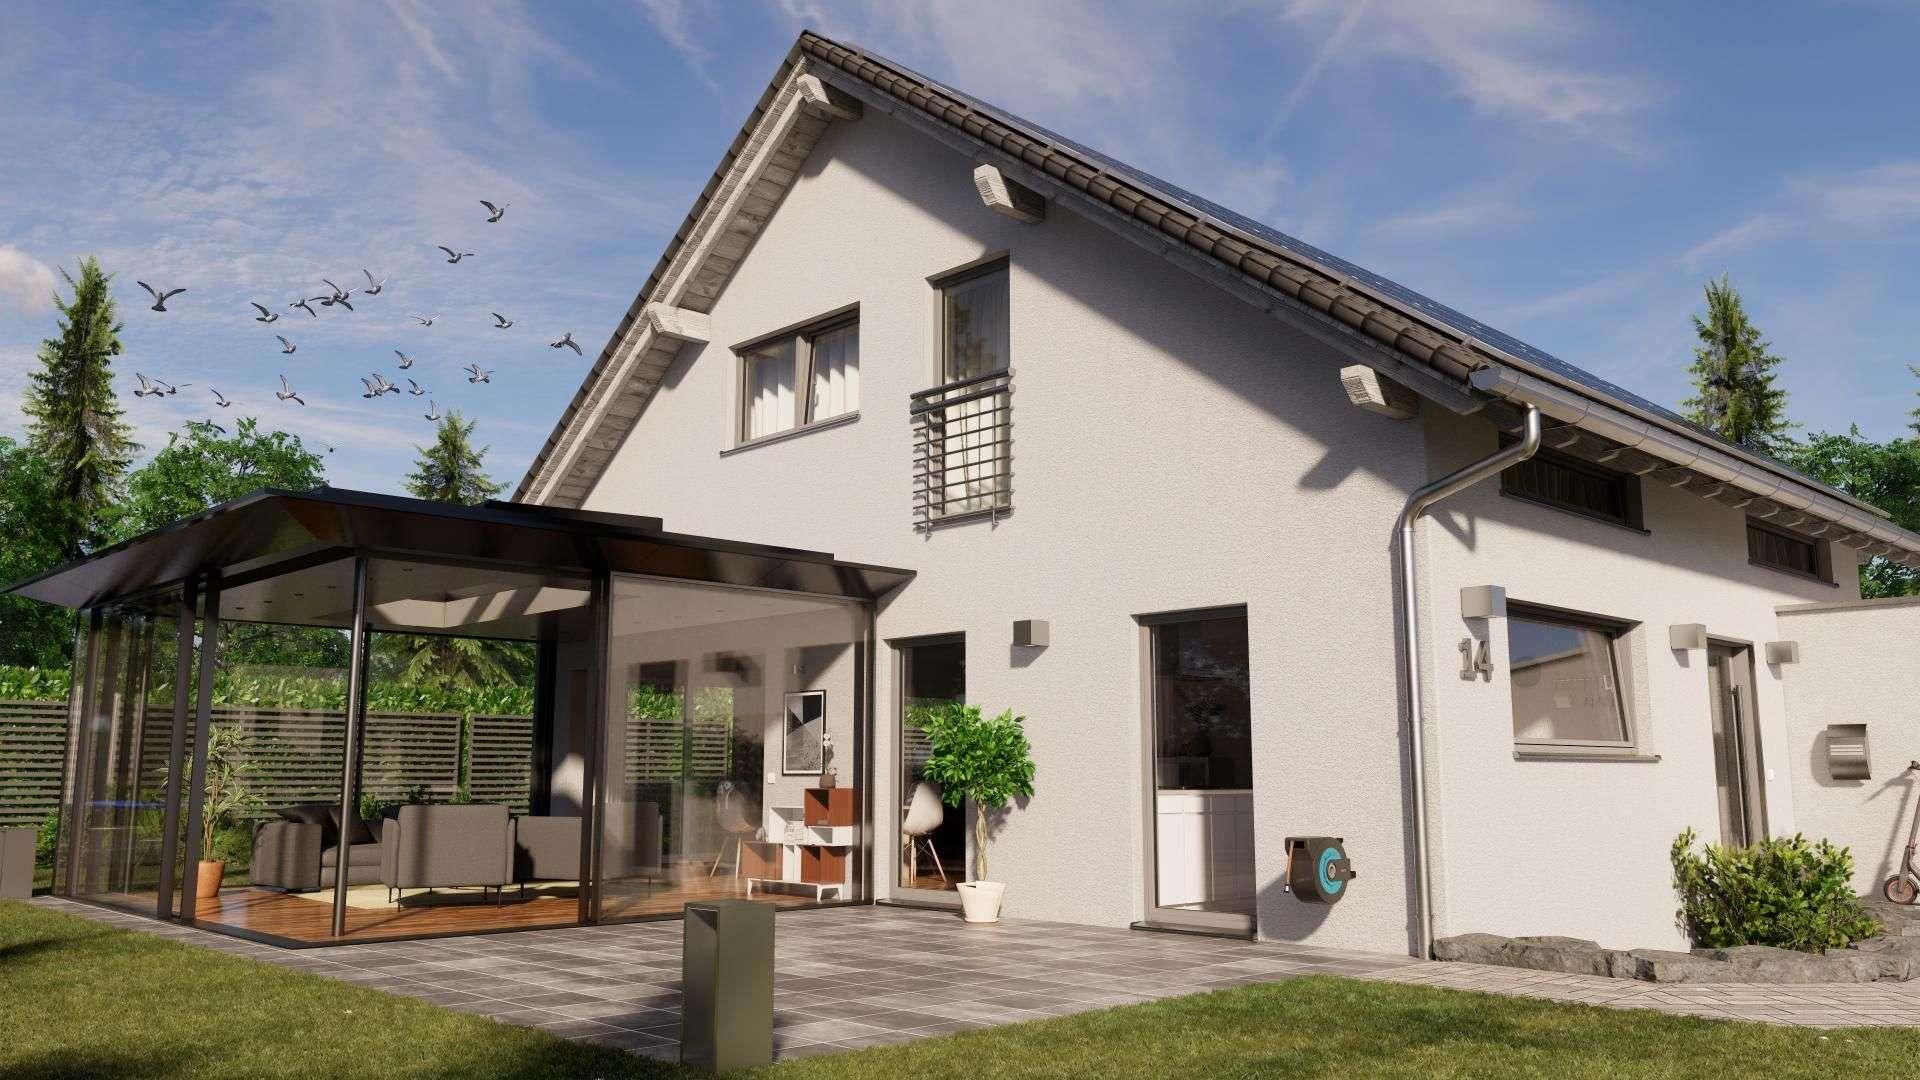 SDL AvalisSDL Avalis Flachdach auf der Terrasse eines Wohnhauses